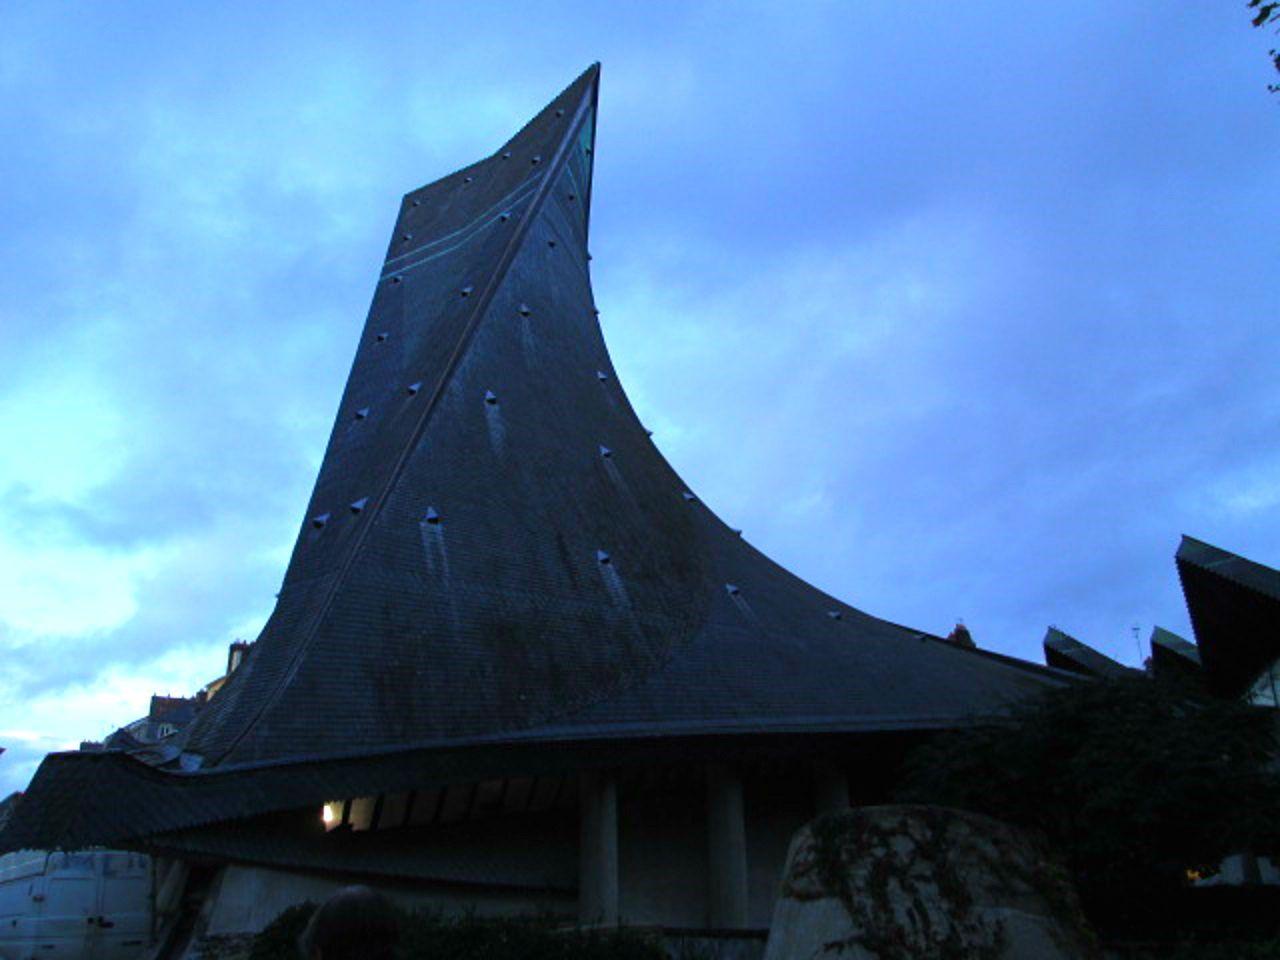 ジャンヌダルク教会は内部がすごい!